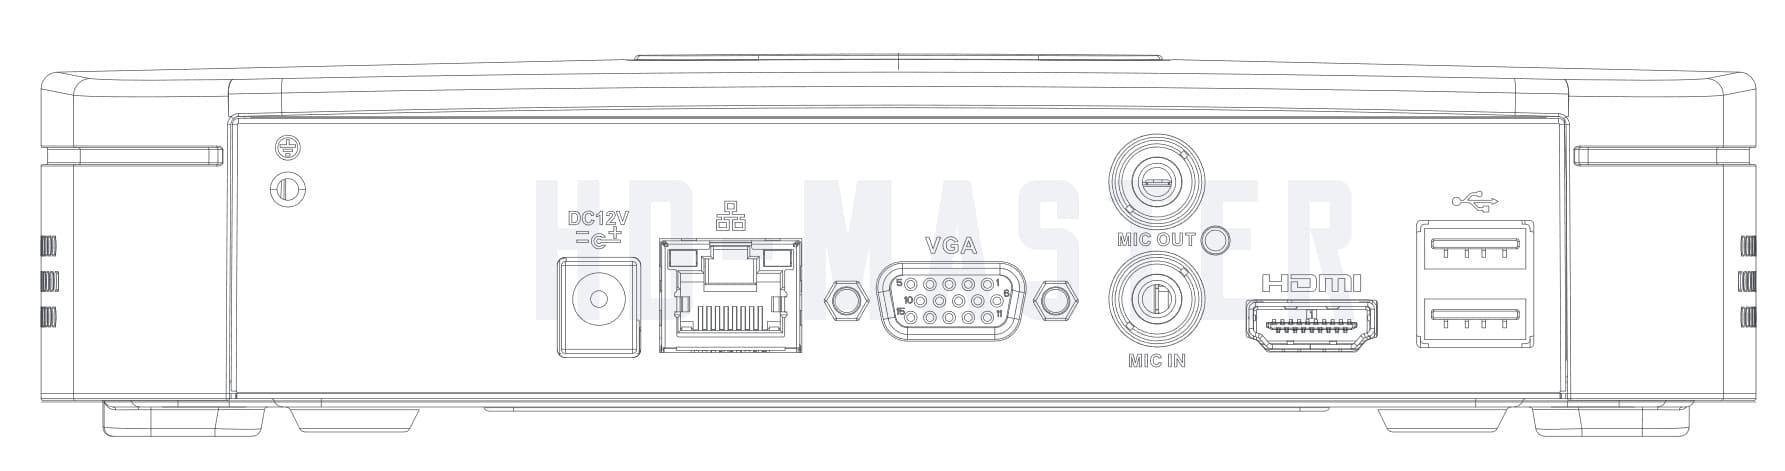 DH-NVR4104-4KS2 задняя панель